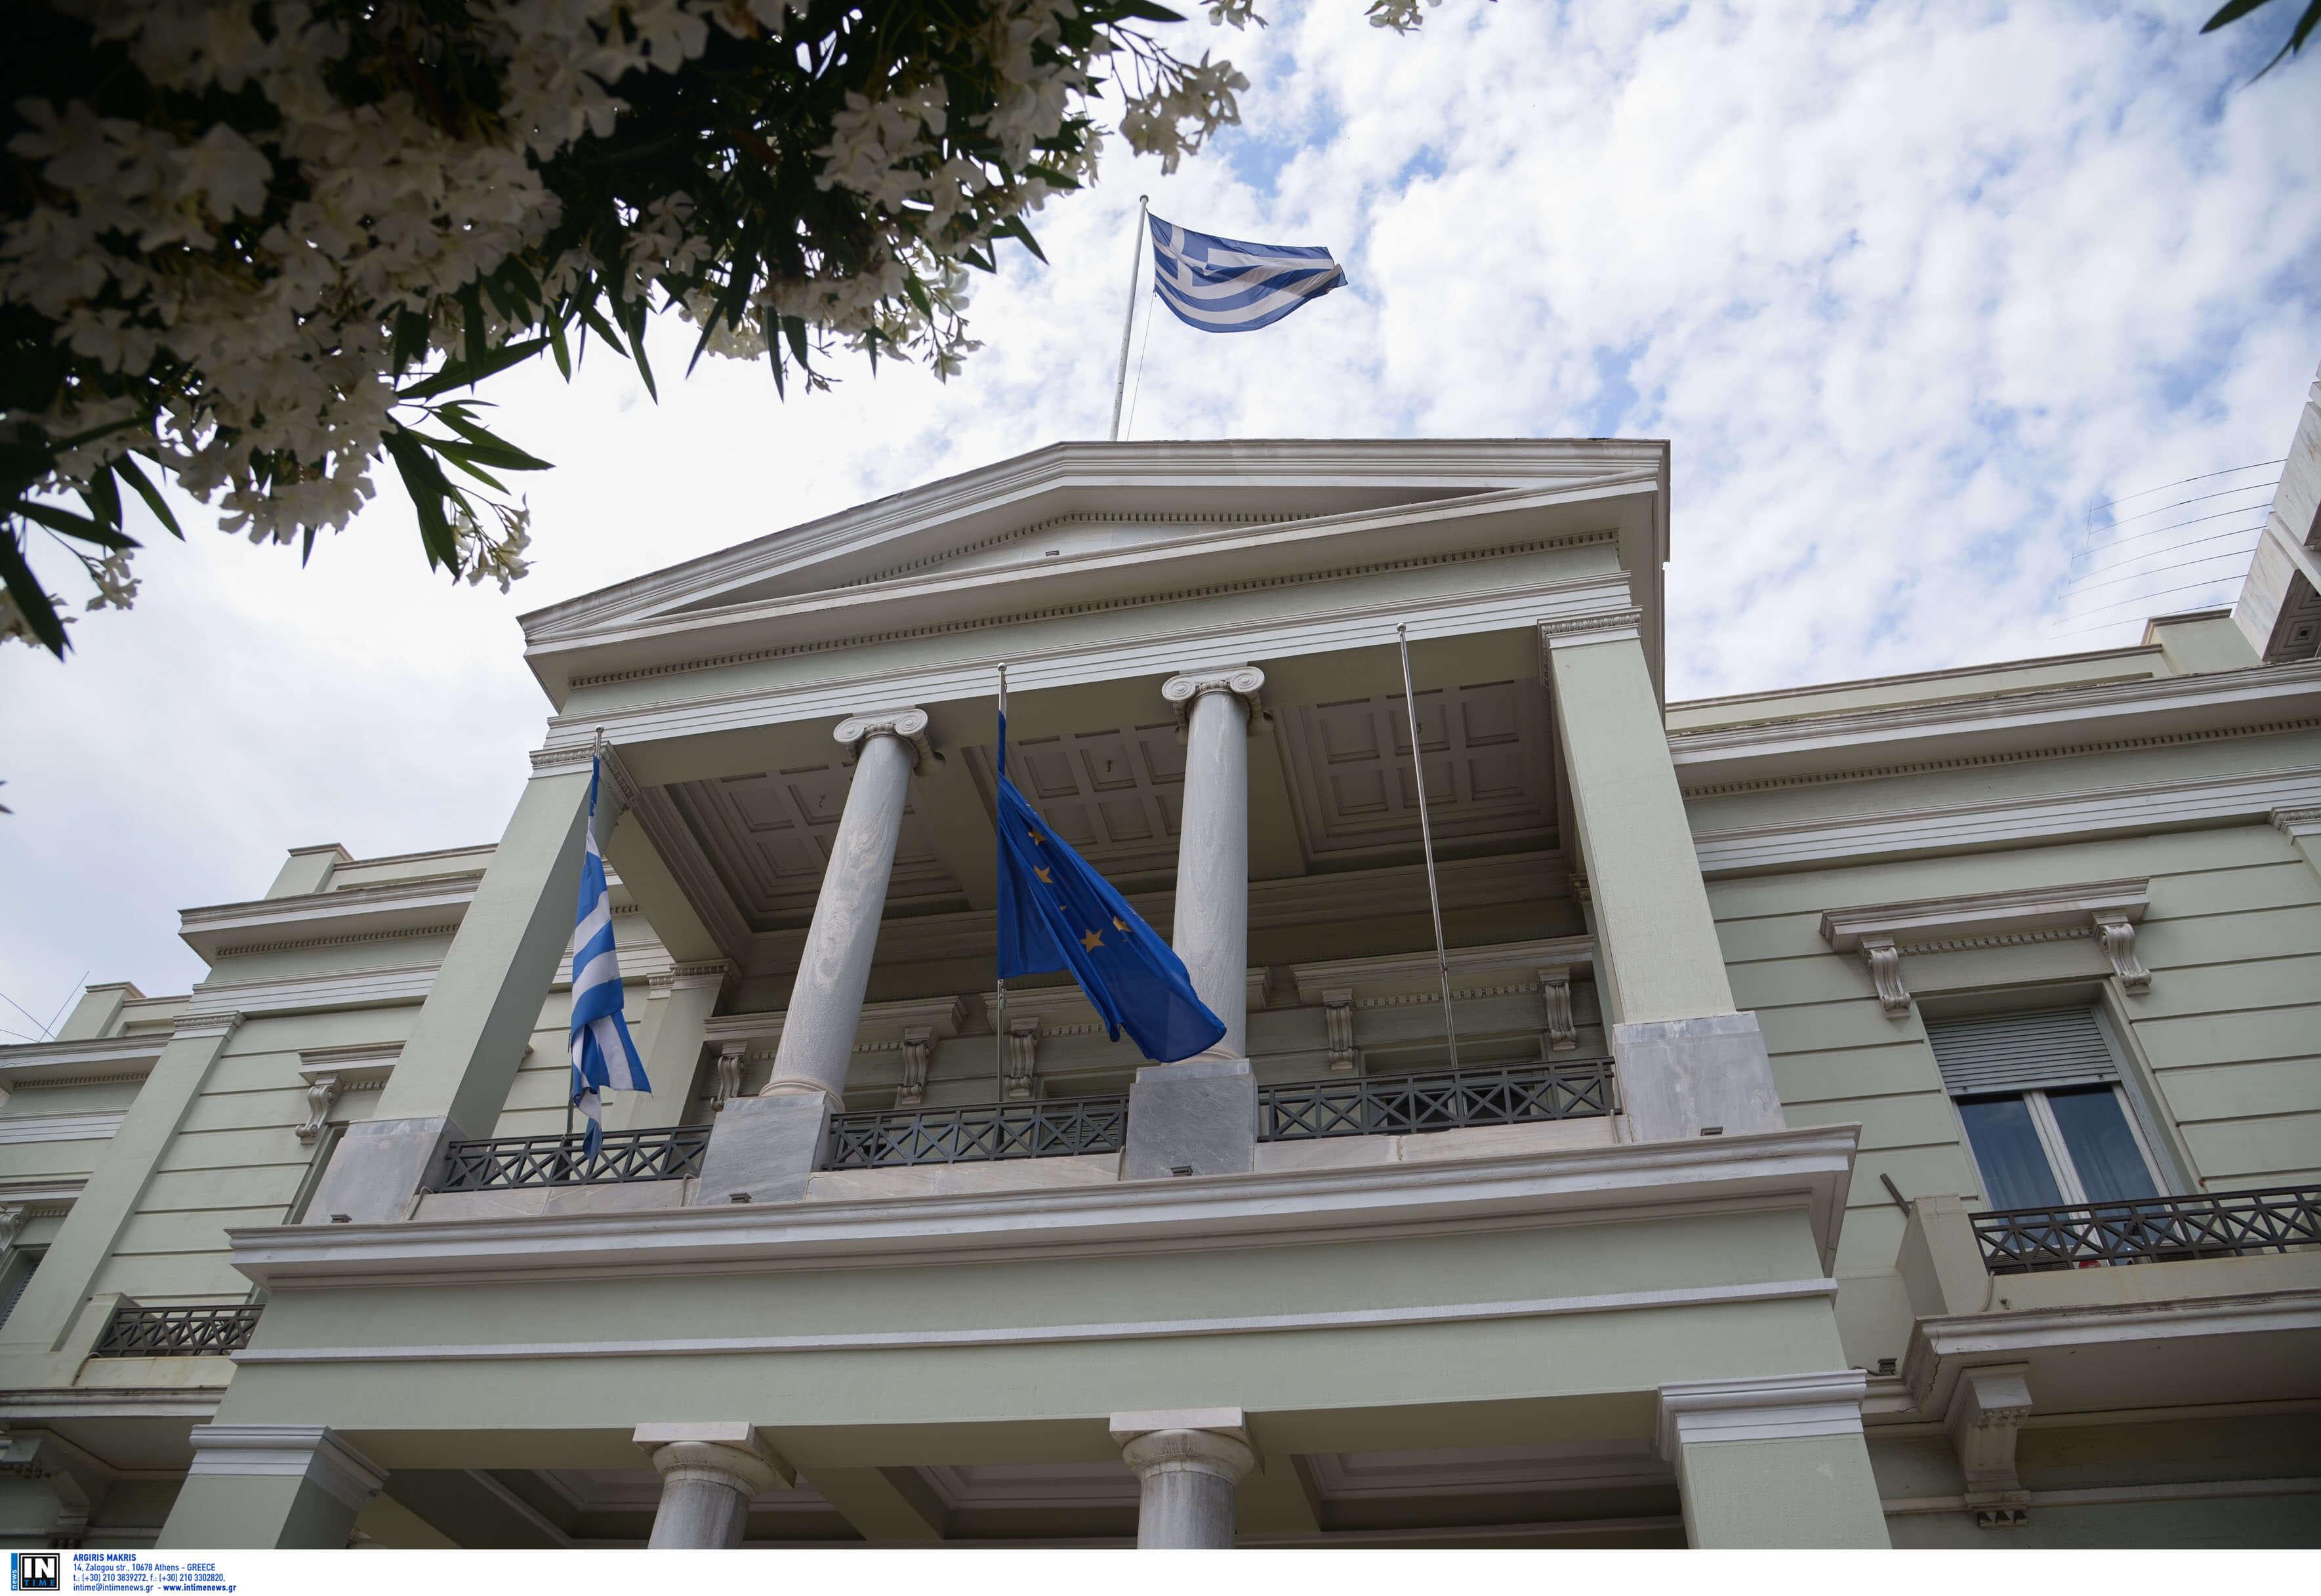 Το ελληνικό ΥΠΕΞ για την επίθεση στον ορθόδοξο ιερέα στη Λιόν